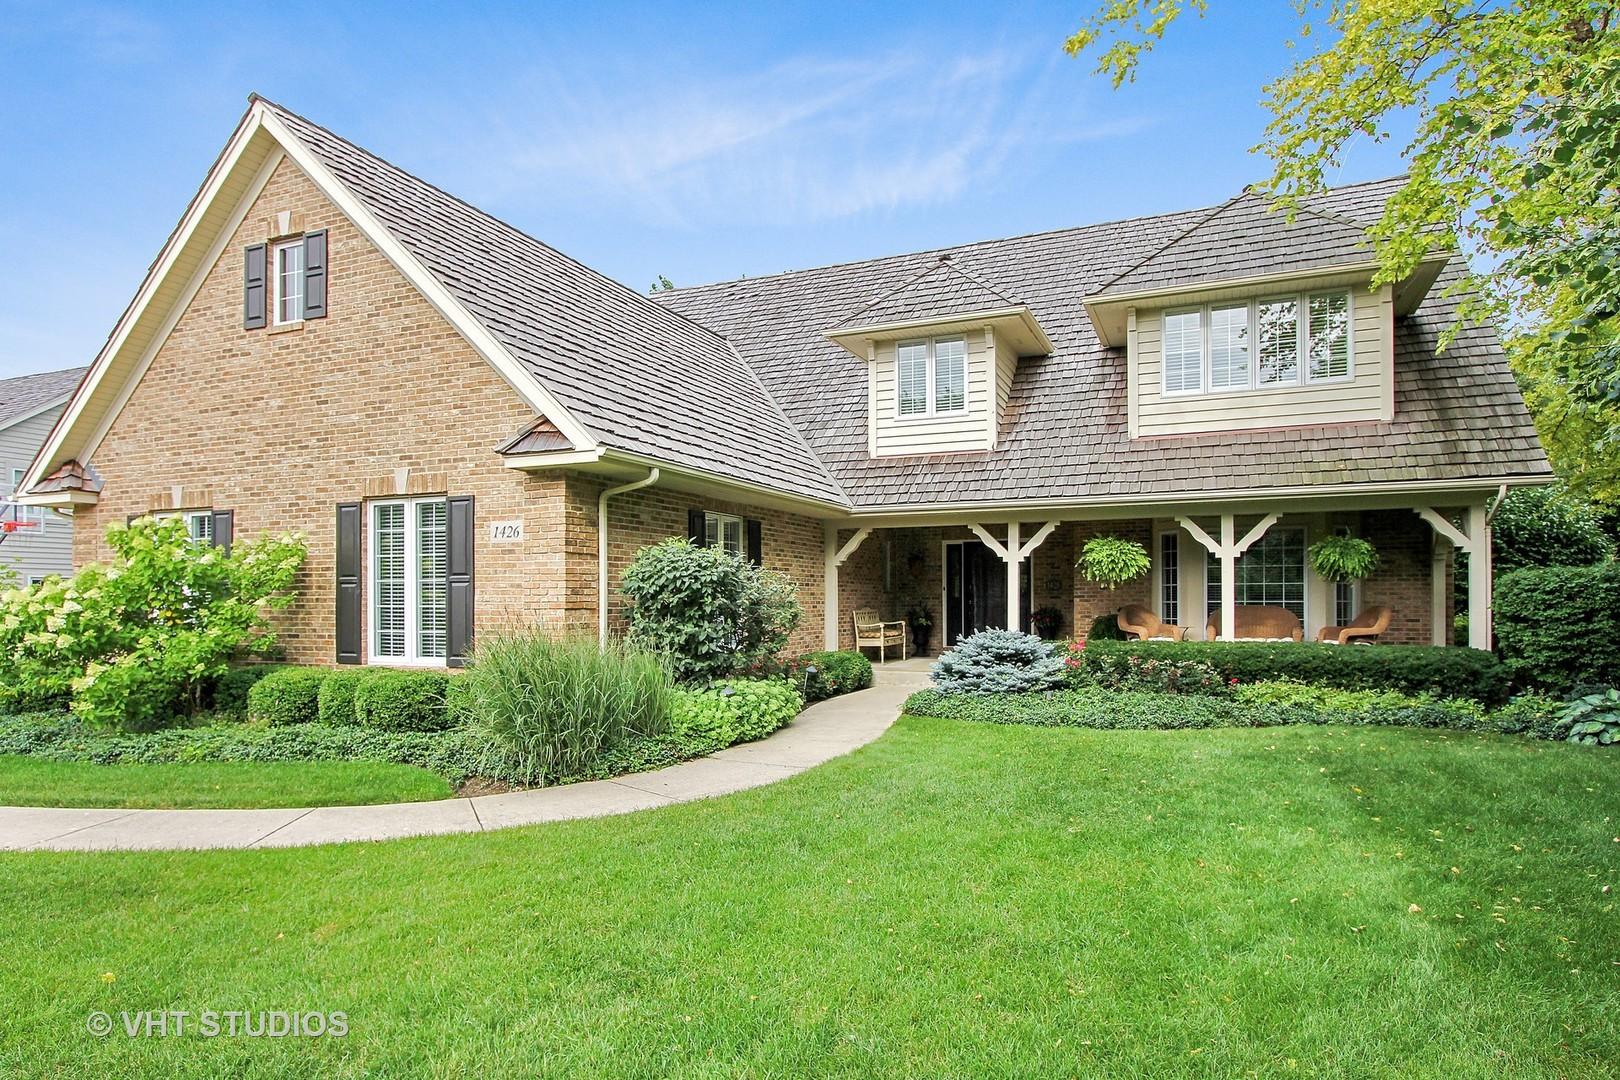 1426 Plumwood Drive, Libertyville, Illinois 60048